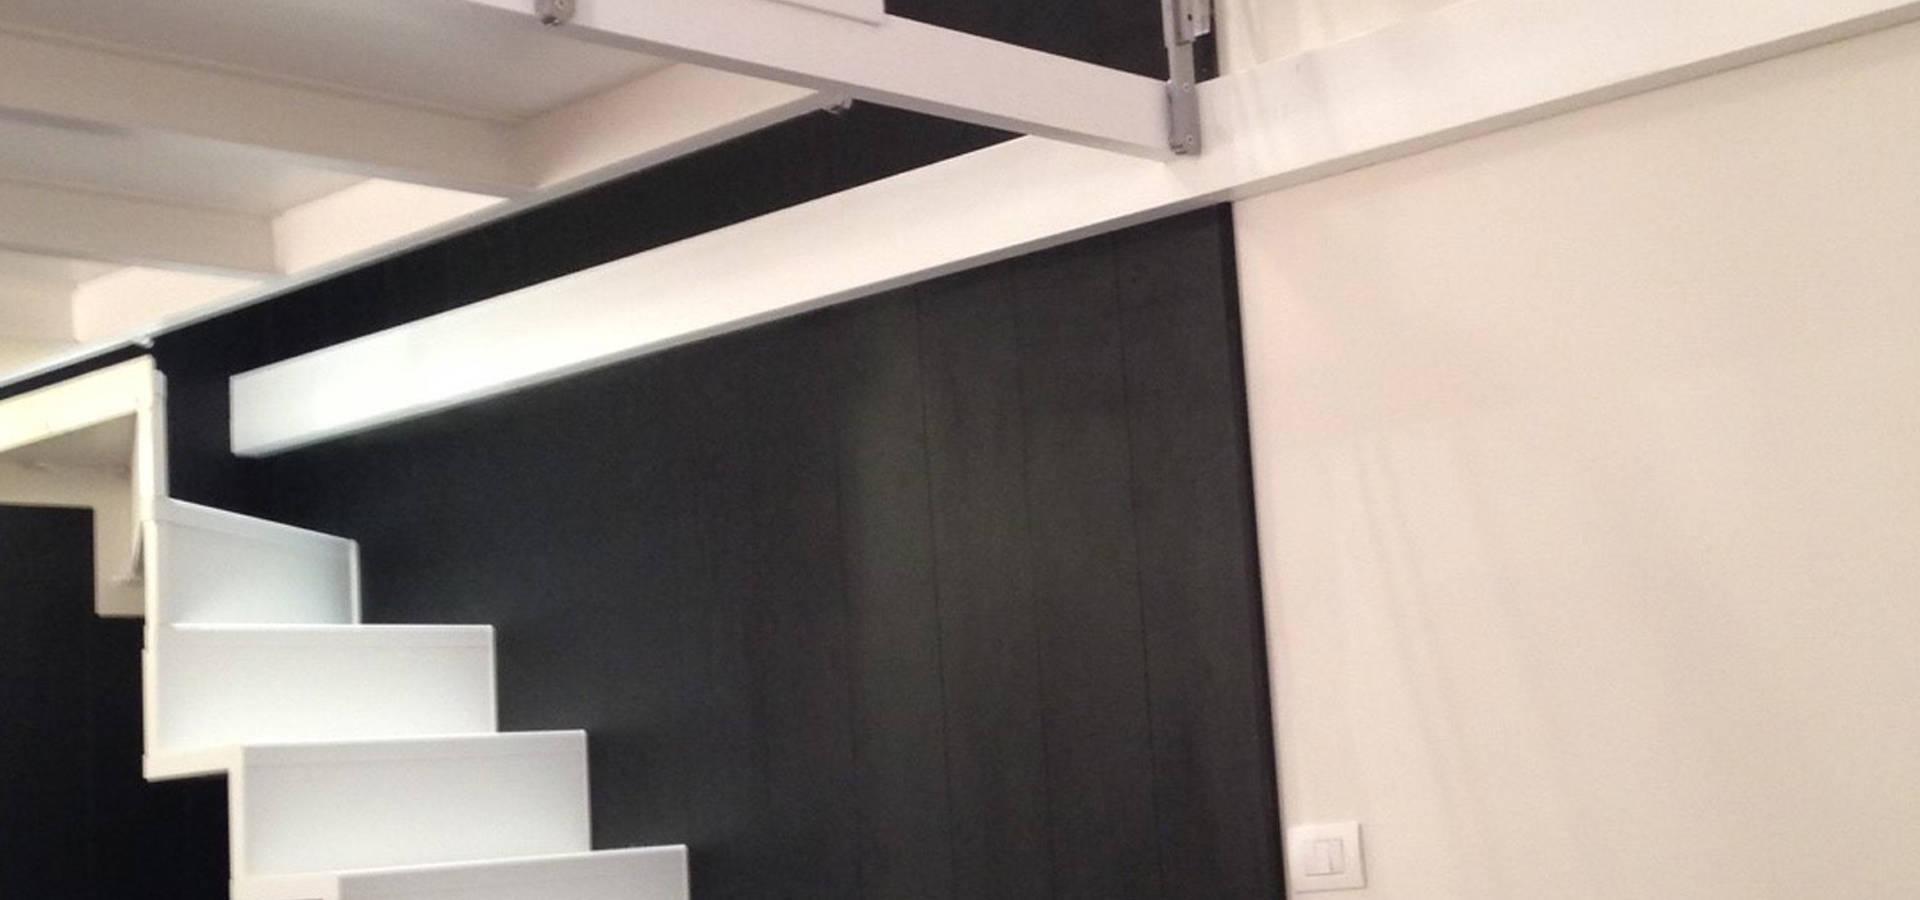 A3 Studio Associato di Architettura e Ingegneria di Arch. Ing. Marco Bramati e Arch. Marco Paolo Galbiati